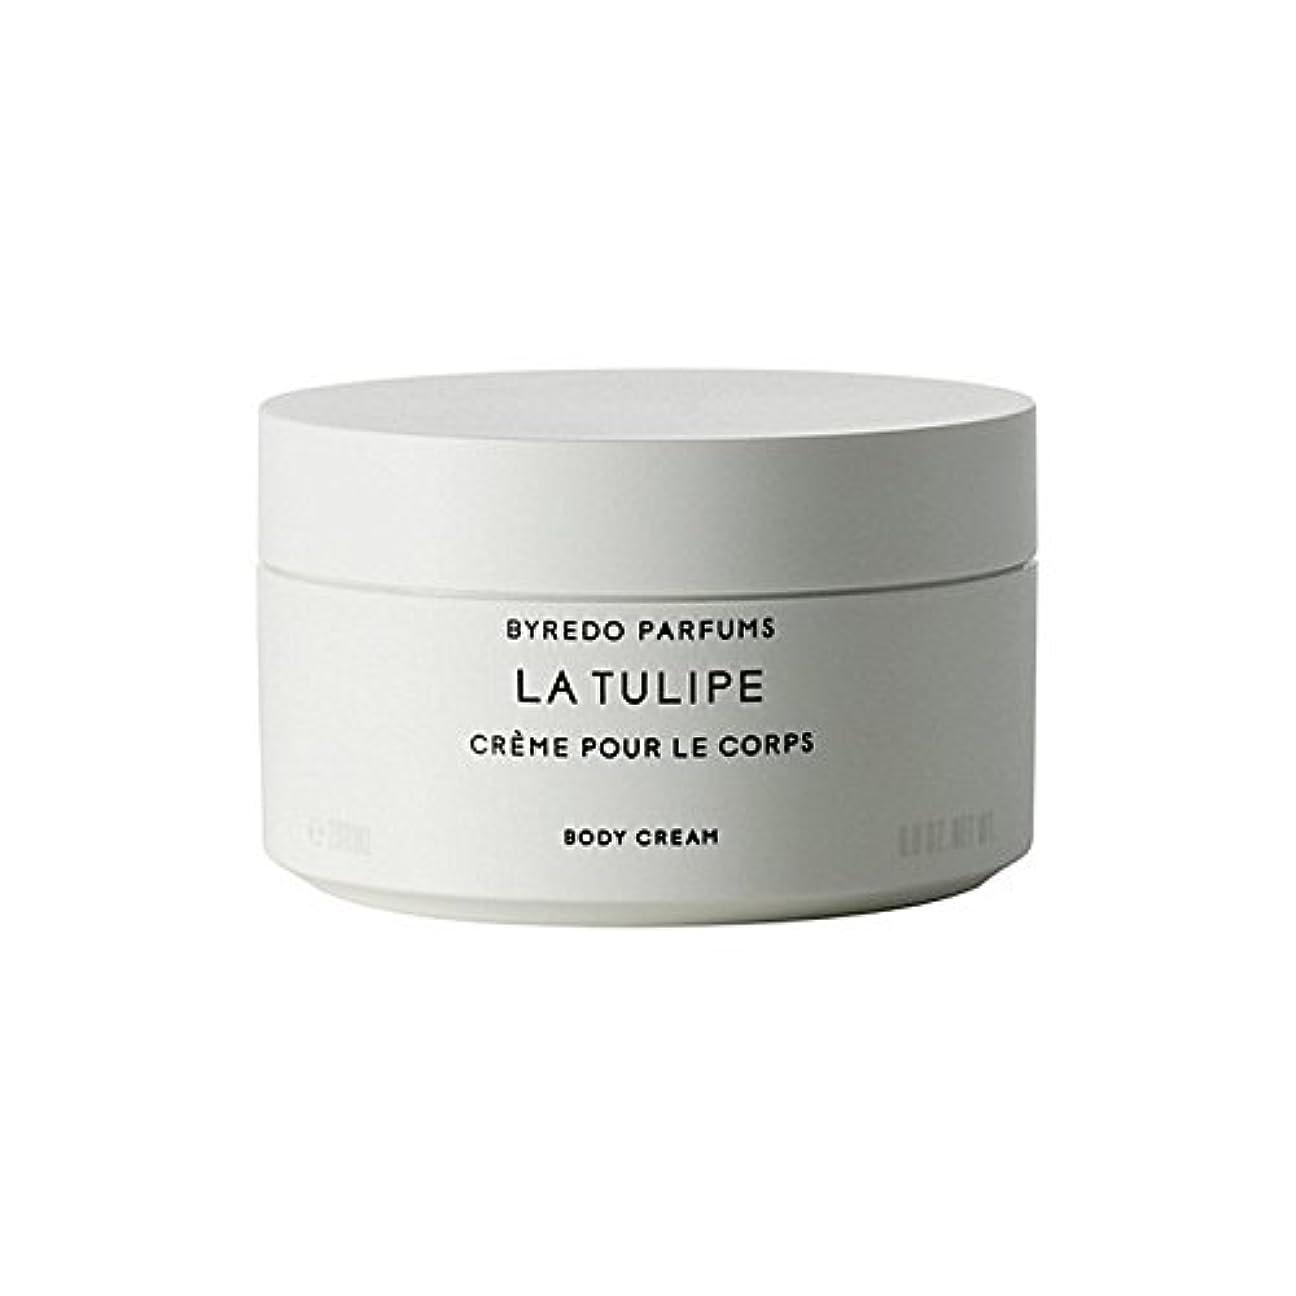 アスレチックキノコ嫌がらせByredo La Tulipe Body Cream 200ml (Pack of 6) - ラチューリップボディクリーム200ミリリットル x6 [並行輸入品]